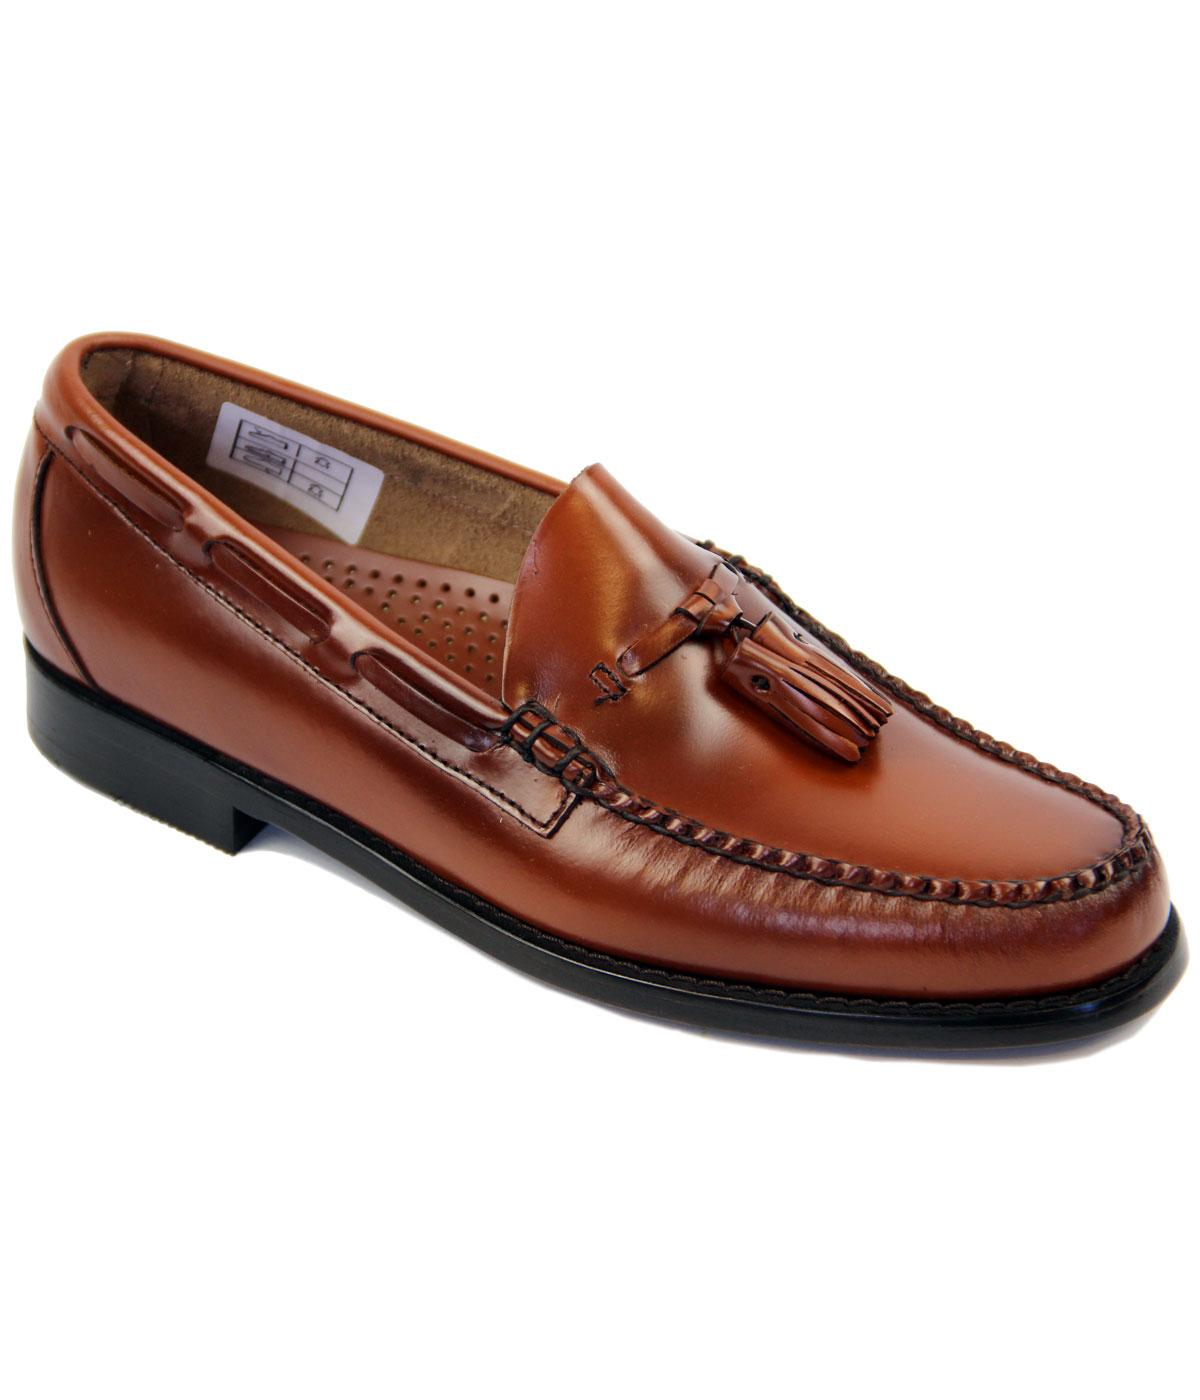 Larkin BASS WEEJUNS Mod Moccasin Tassel Loafers